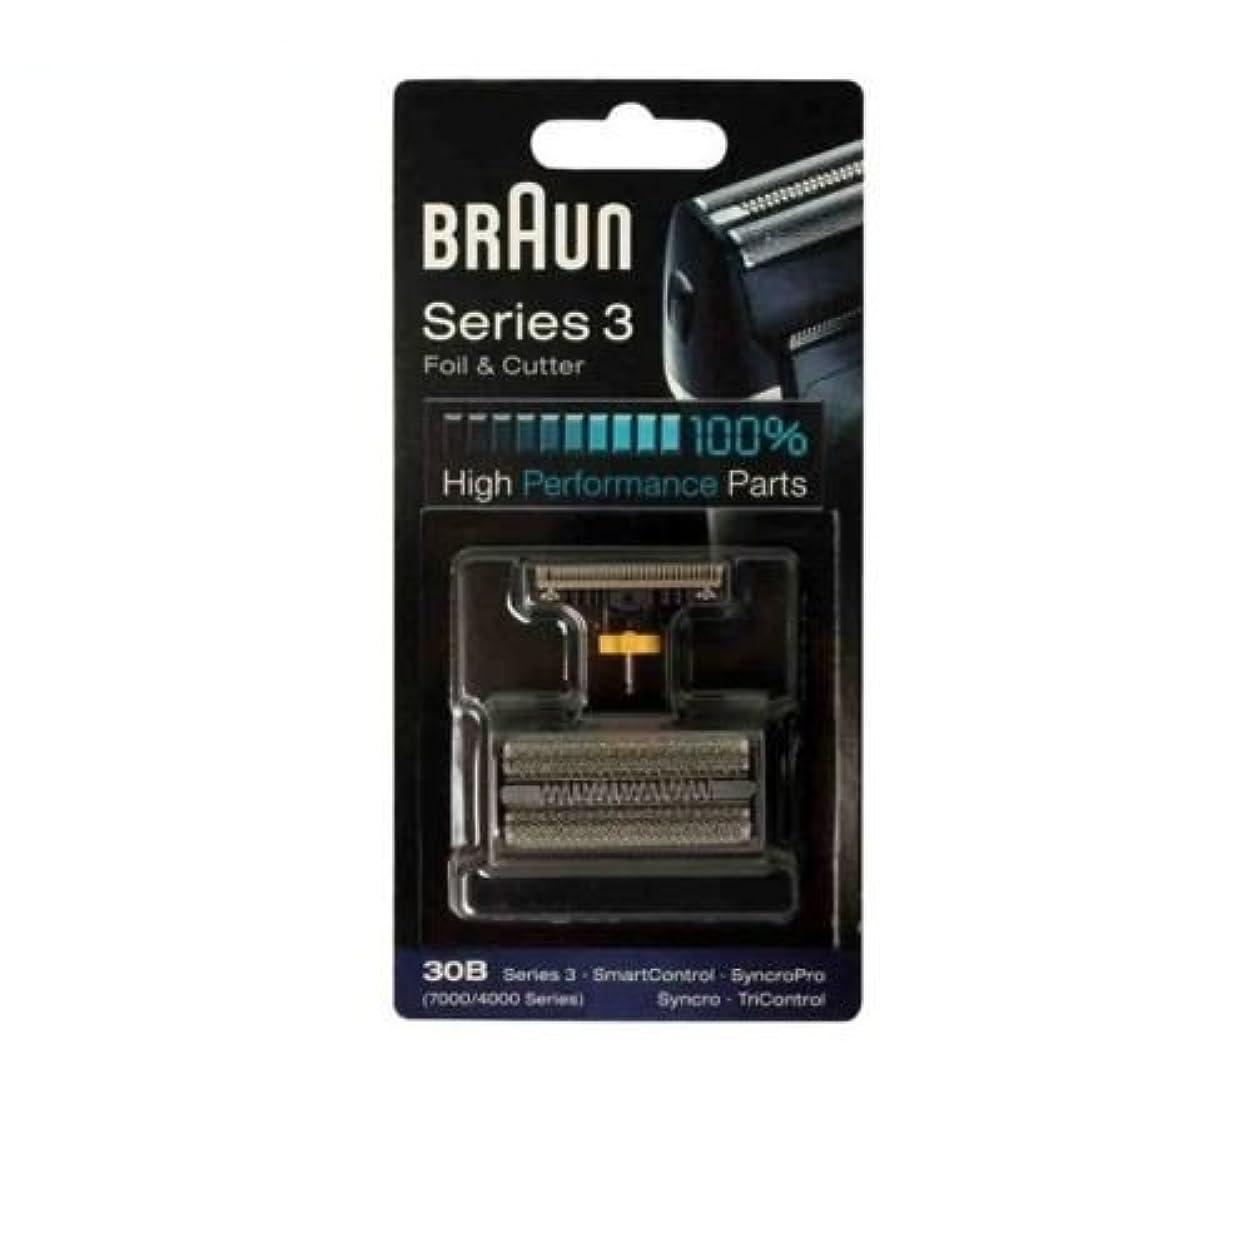 以前は騒々しい処理Braun 30B コンビ 30B フォイルカッターの交換パック(4000分の7000シリーズ) [並行輸入品]